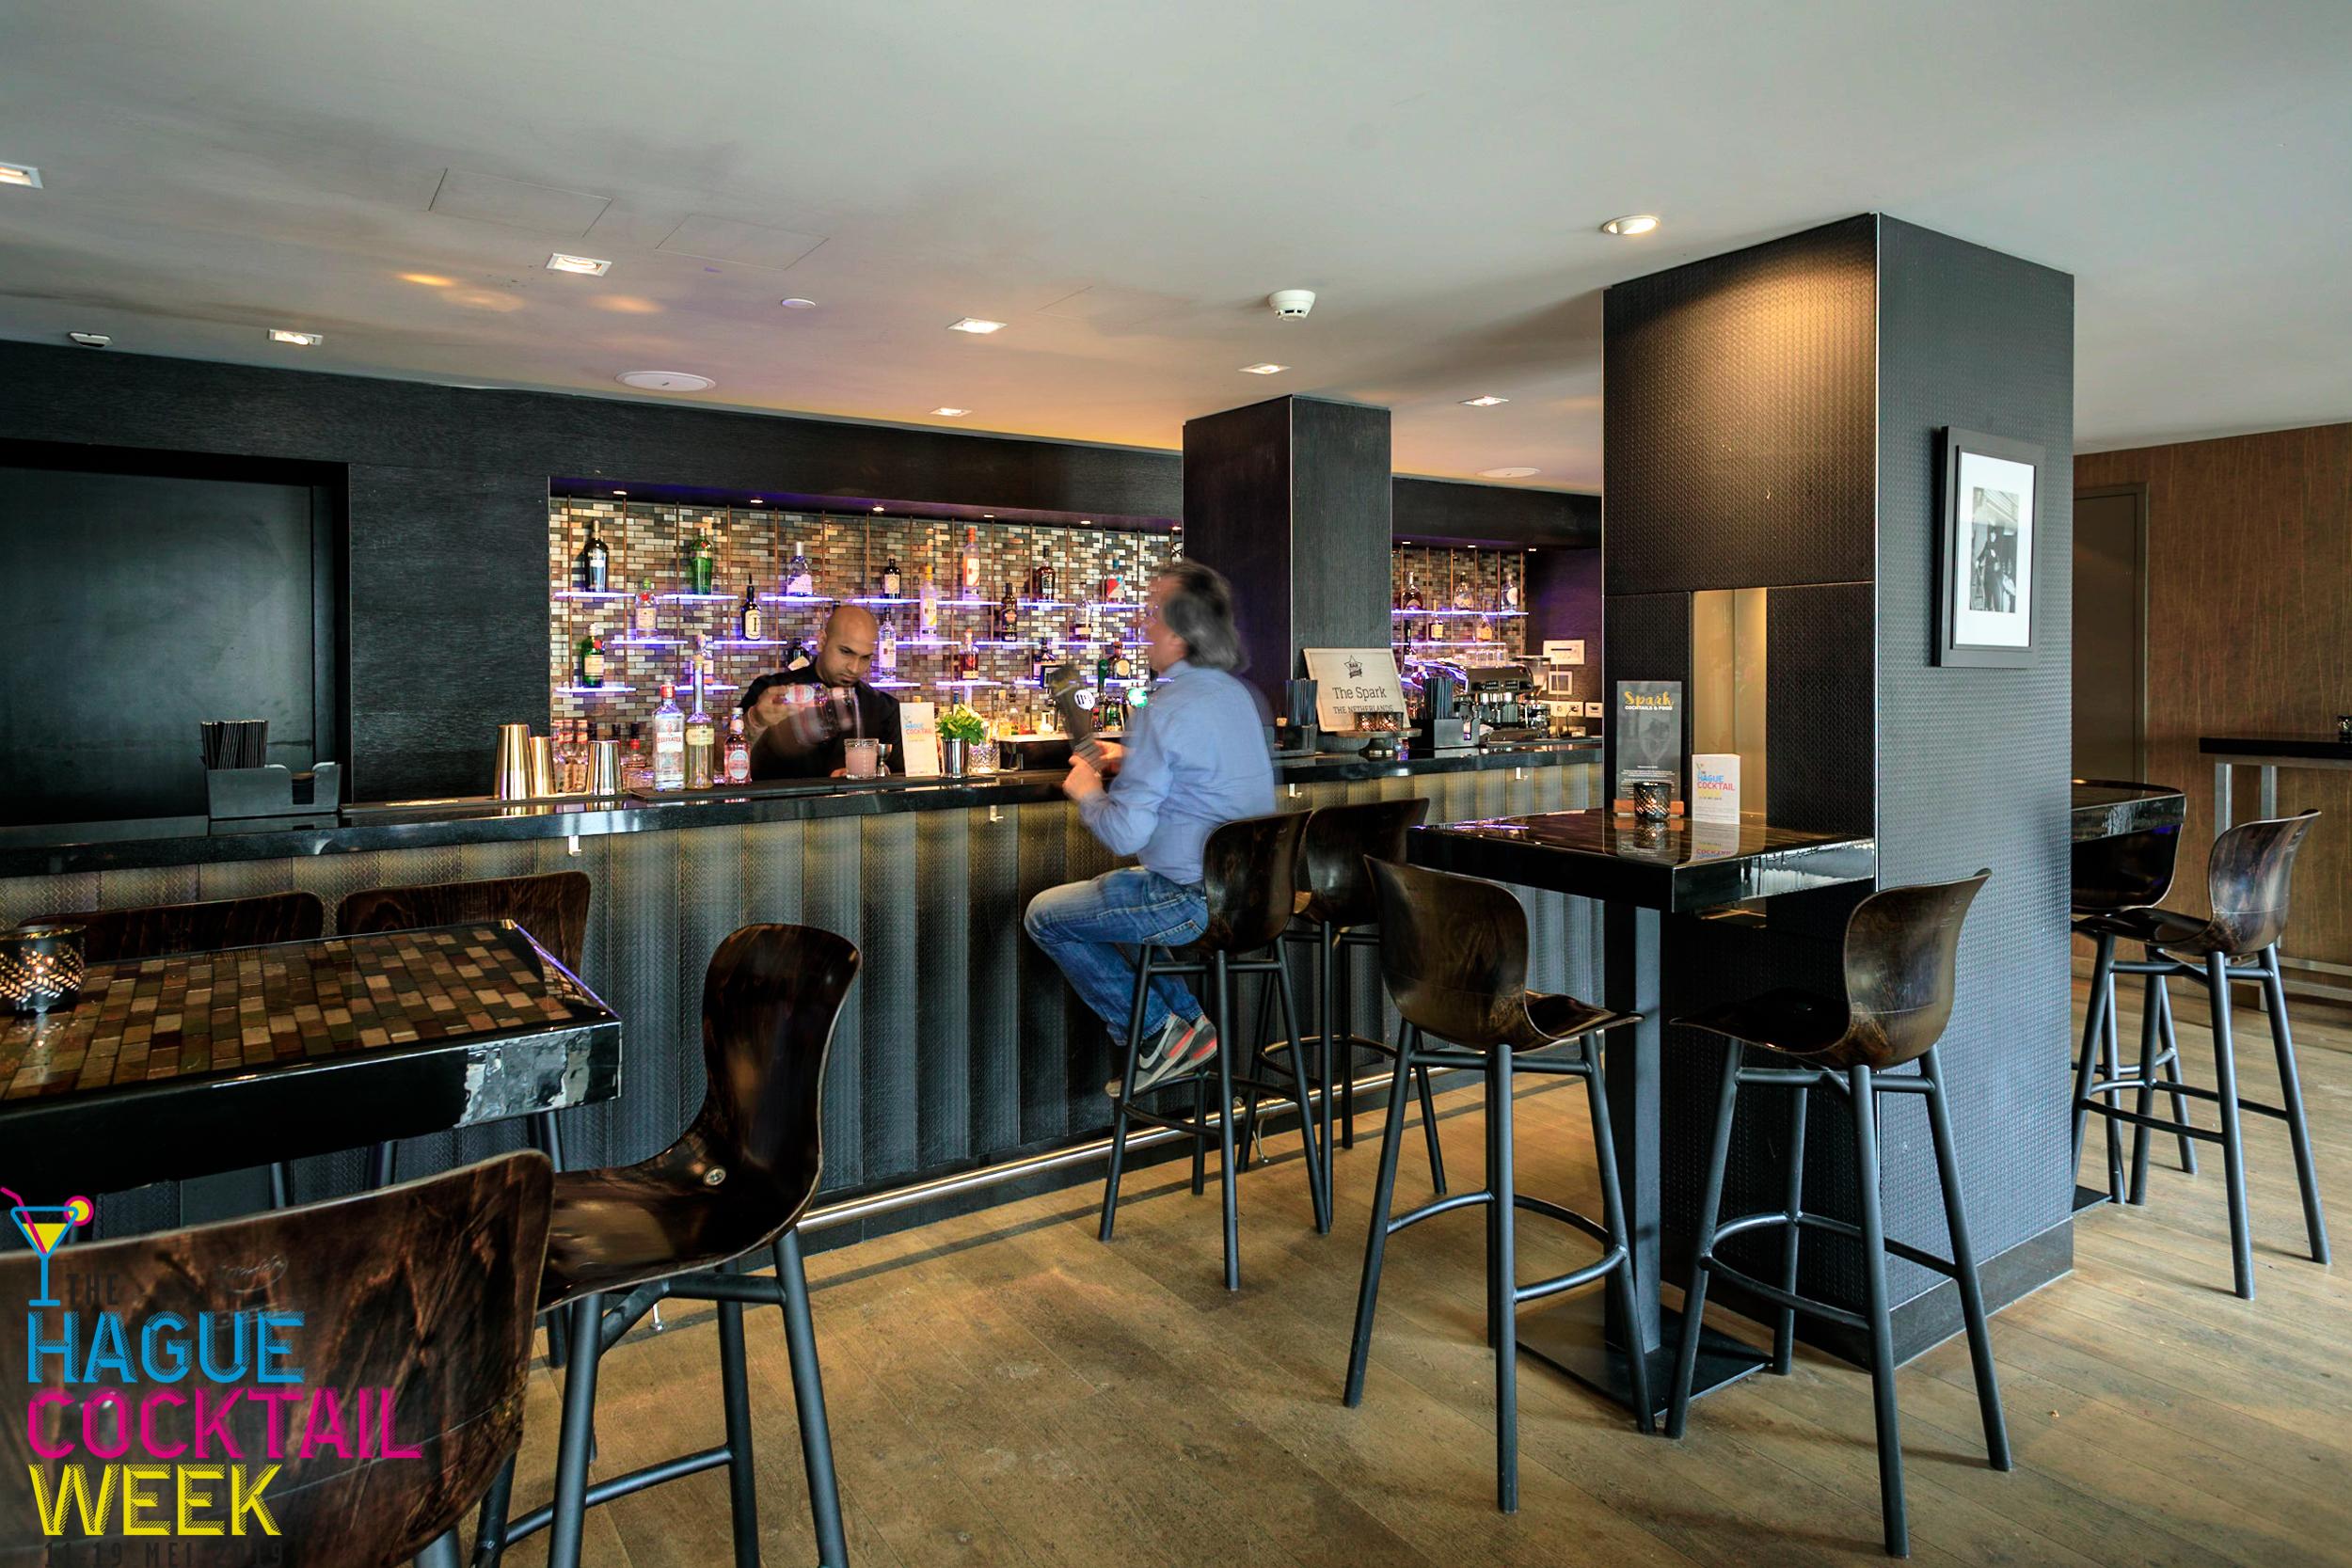 The Spark | Hilton Hotel | The Hague Cocktail Week-10.jpg